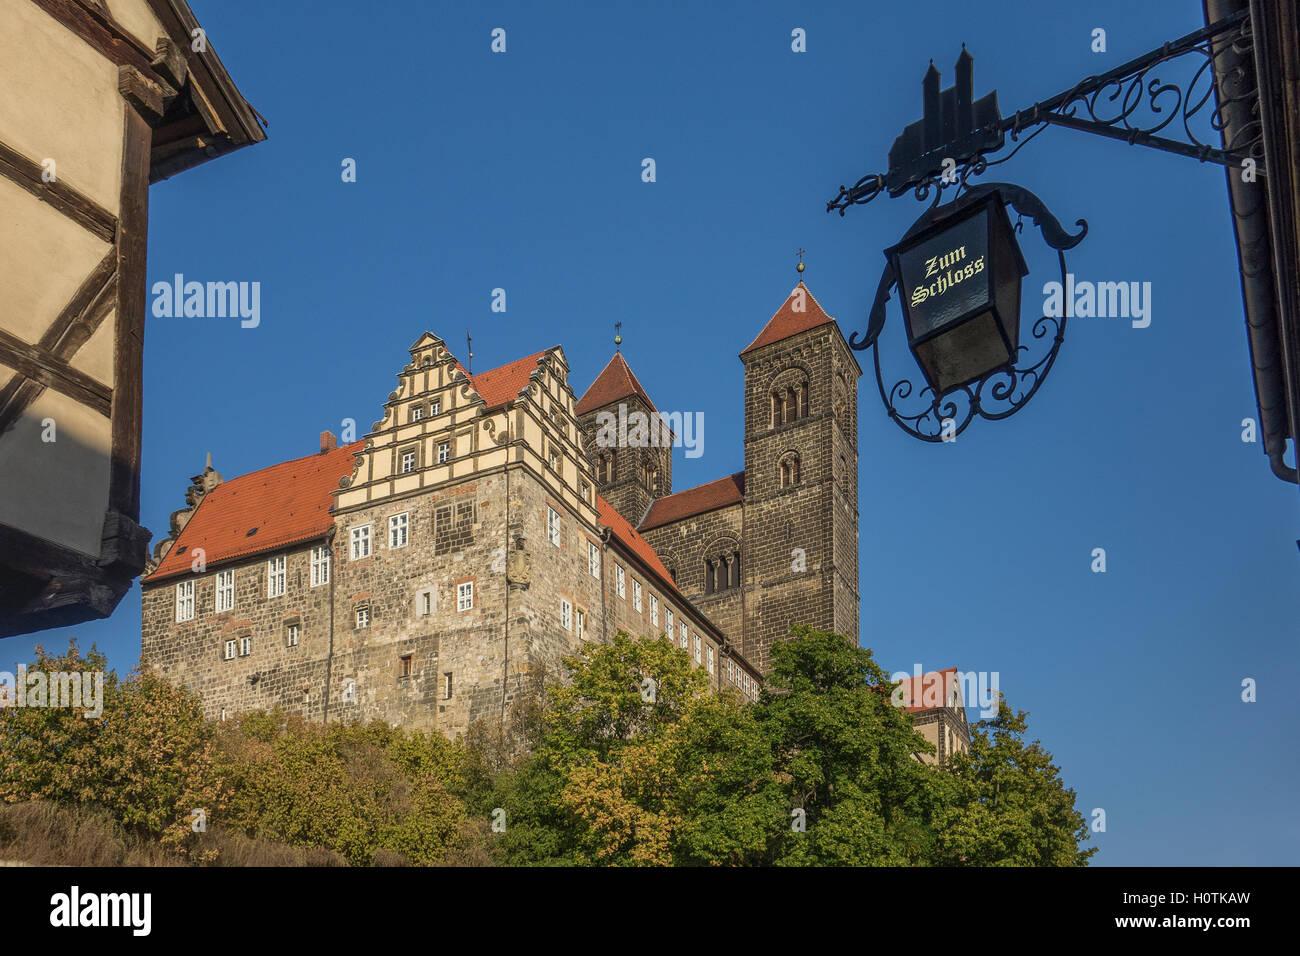 Germany, Saxony-Anhalt, Quedlinburg, castle - Stock Image